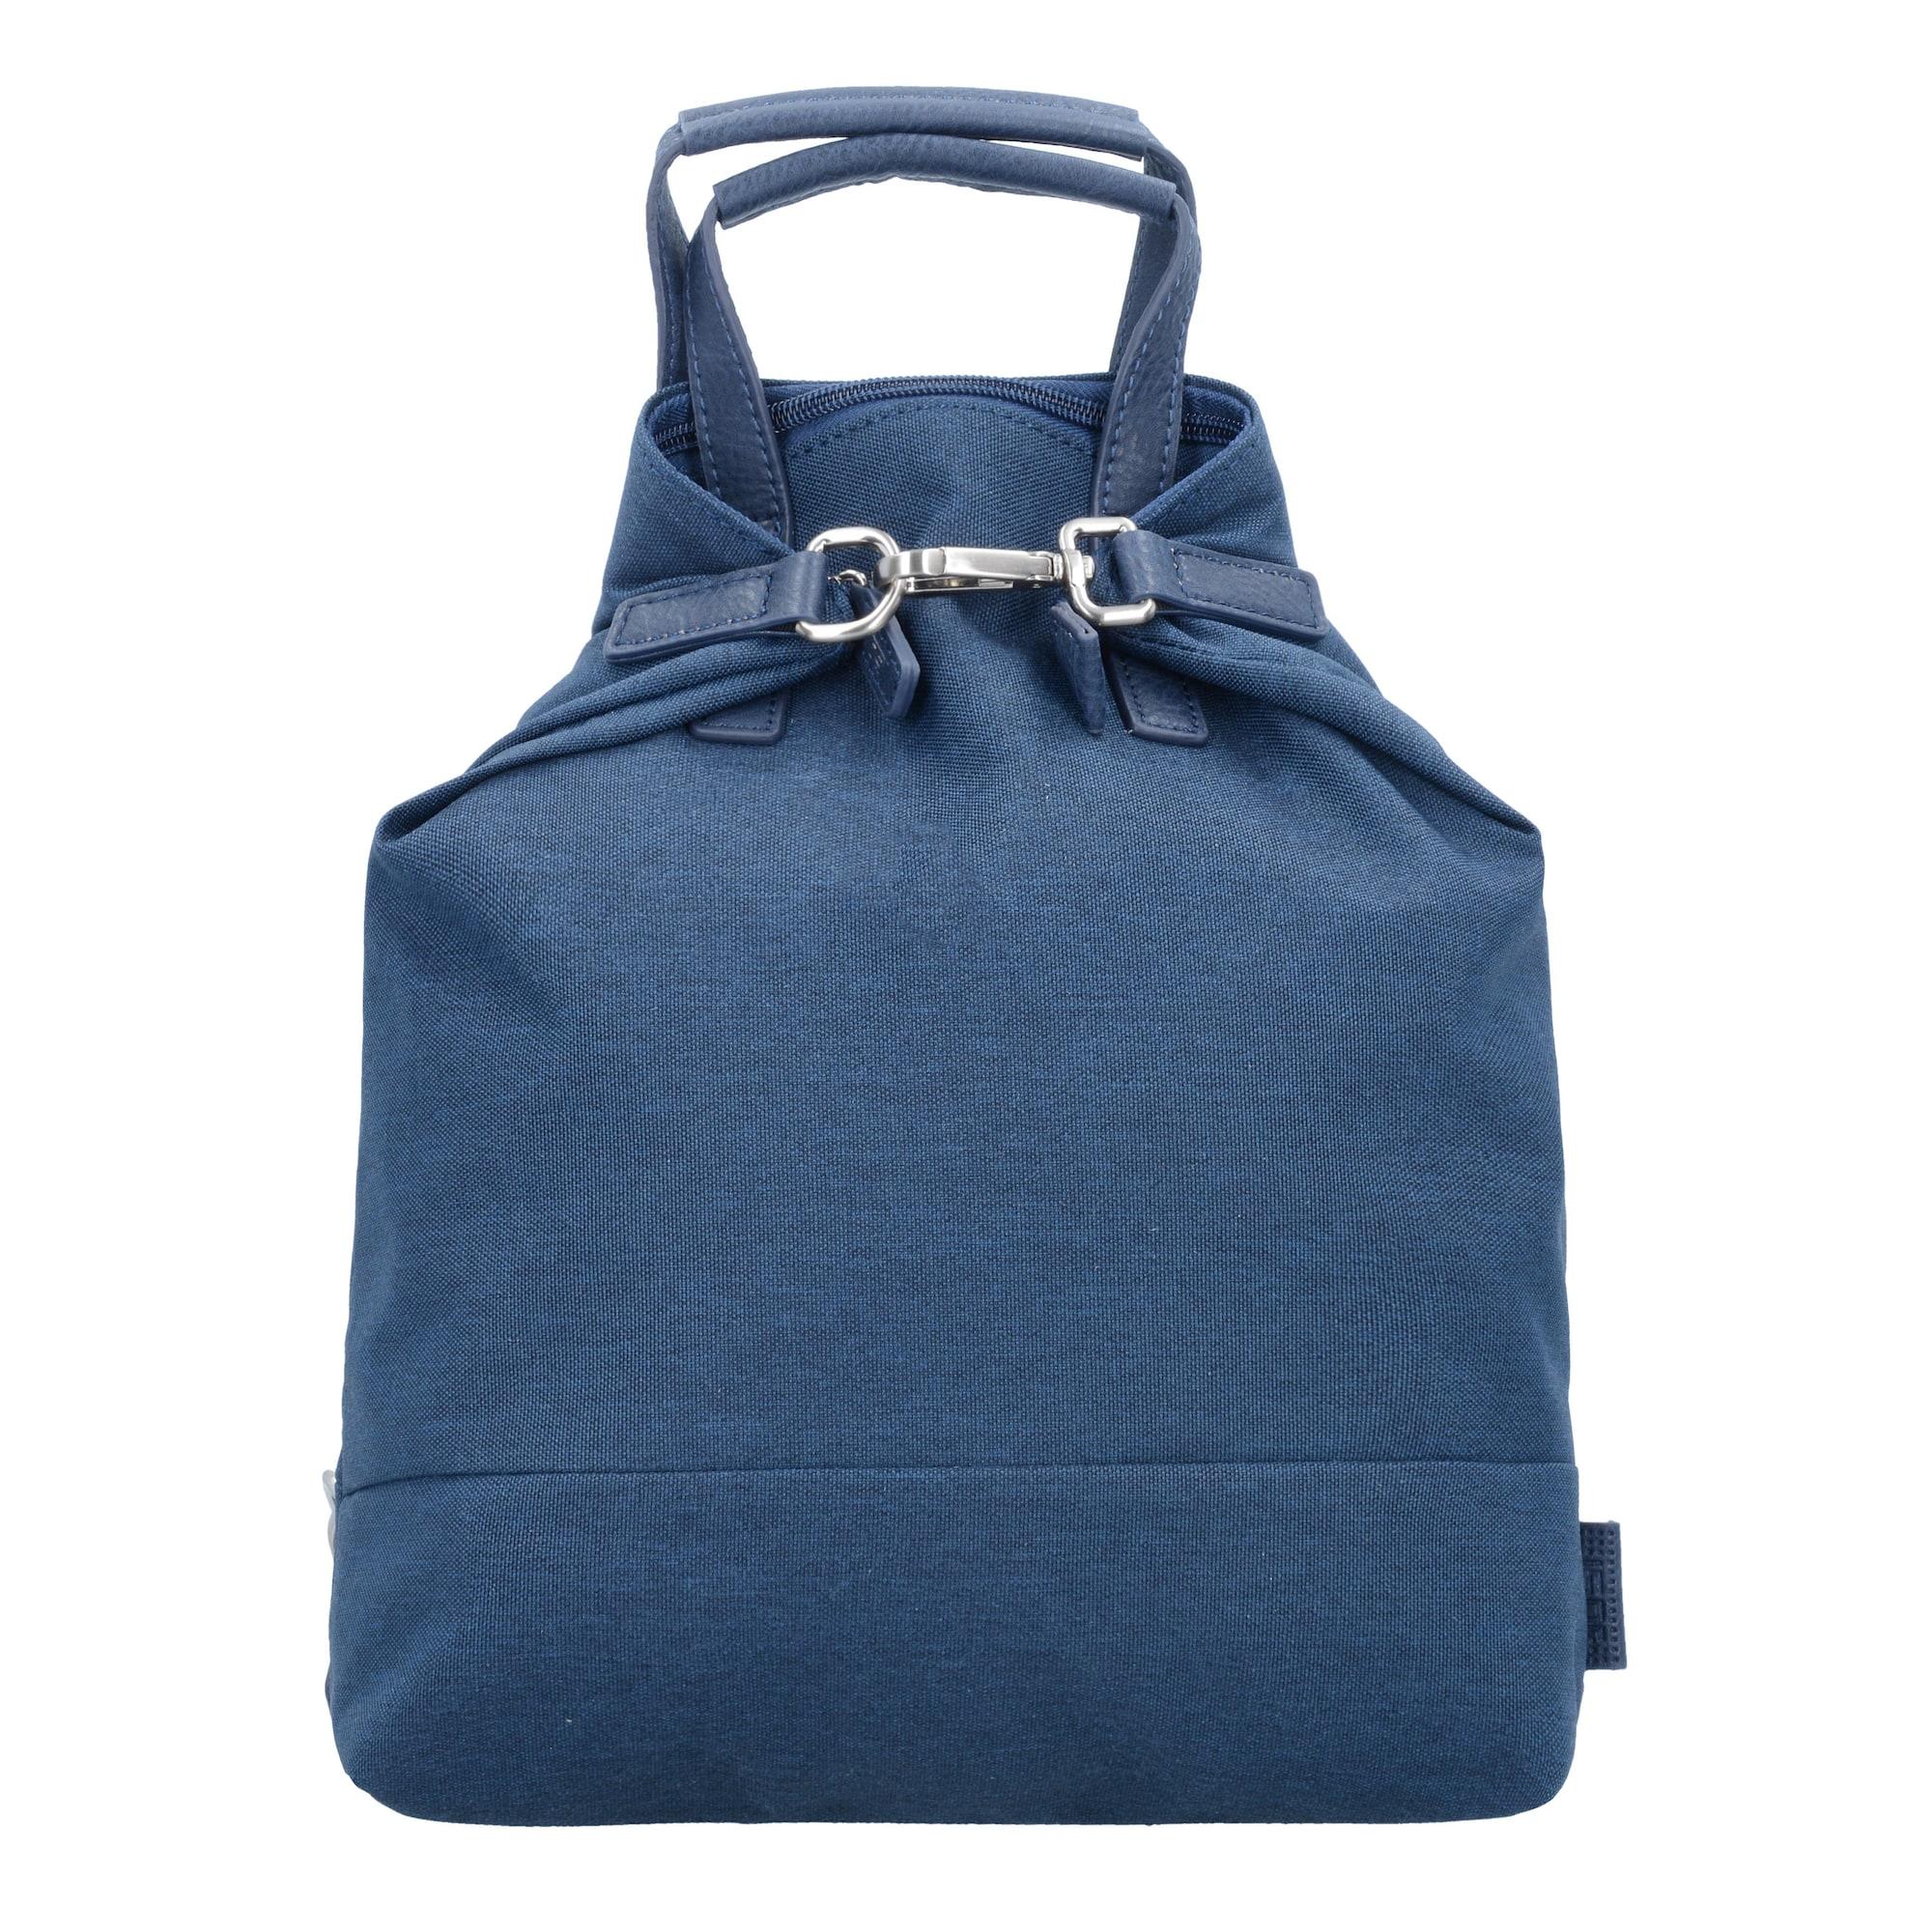 Rucksack | Taschen > Rucksäcke | Jost